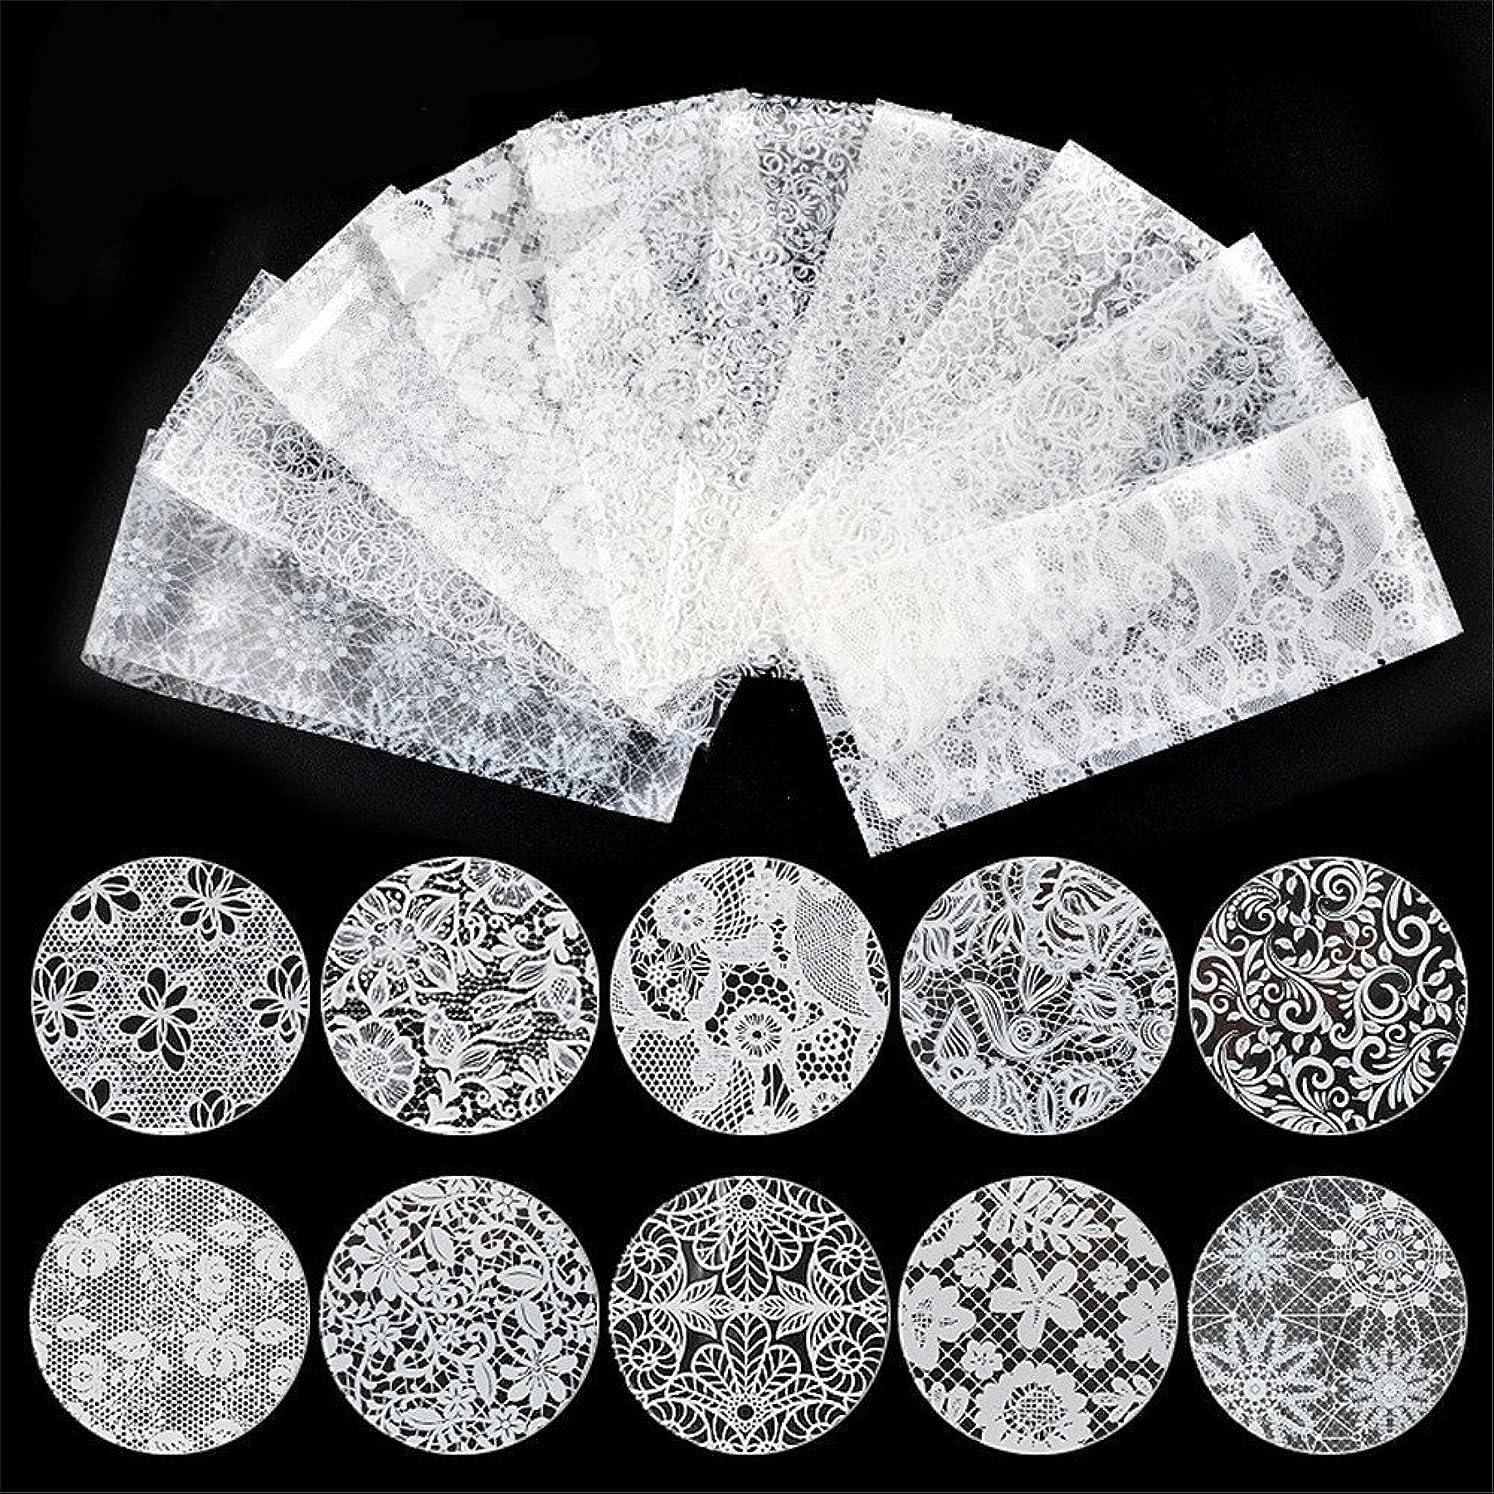 ビーチポルノ森林10種セット 黒白2色から選べレースネイルホイルフォイル クラッシュ ギアピーコックパータン ネイルシーツネイルパーツネイルアート (白)